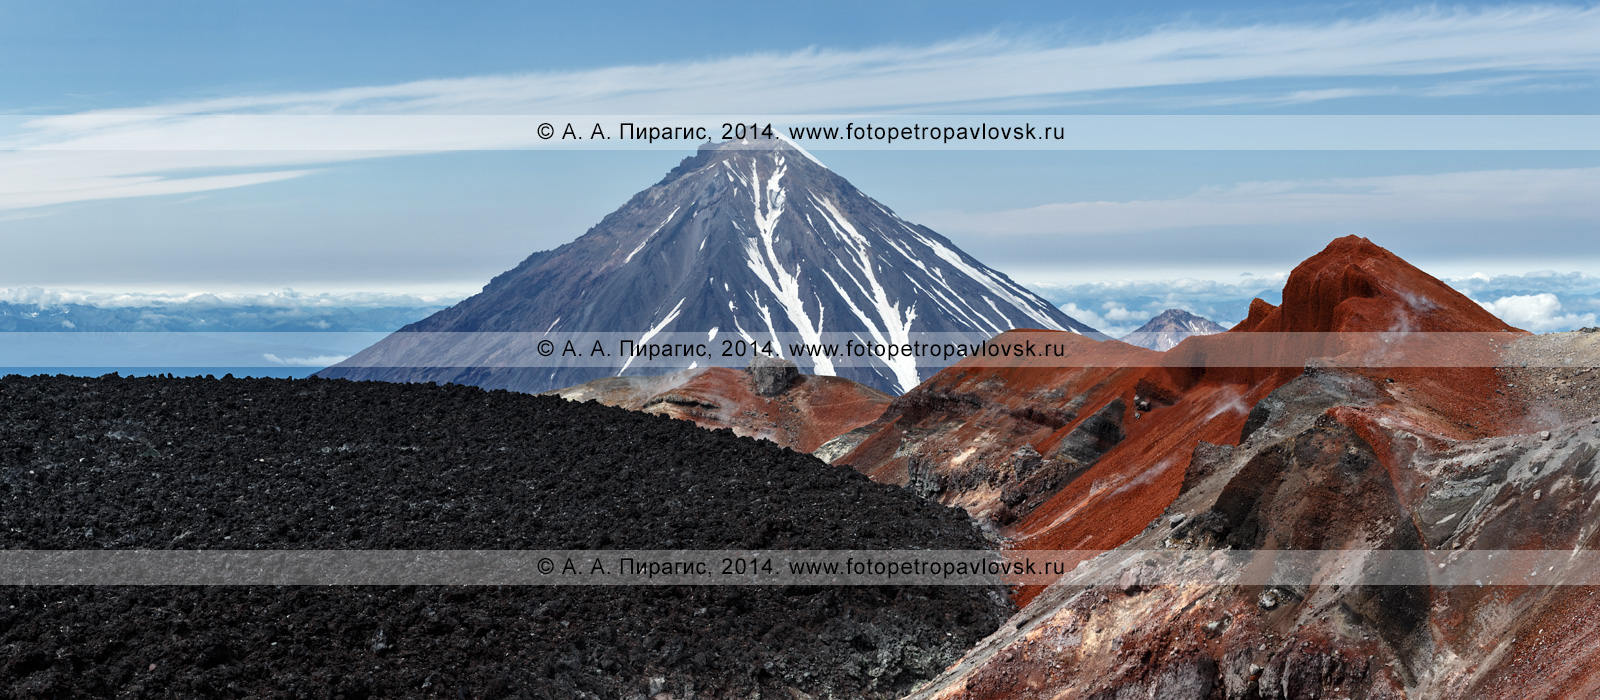 Фотография (панорама): кратер действующего вулкана Авачинская сопка на фоне Корякского вулкана. Камчатка, Авачинско-Корякская группа вулканов